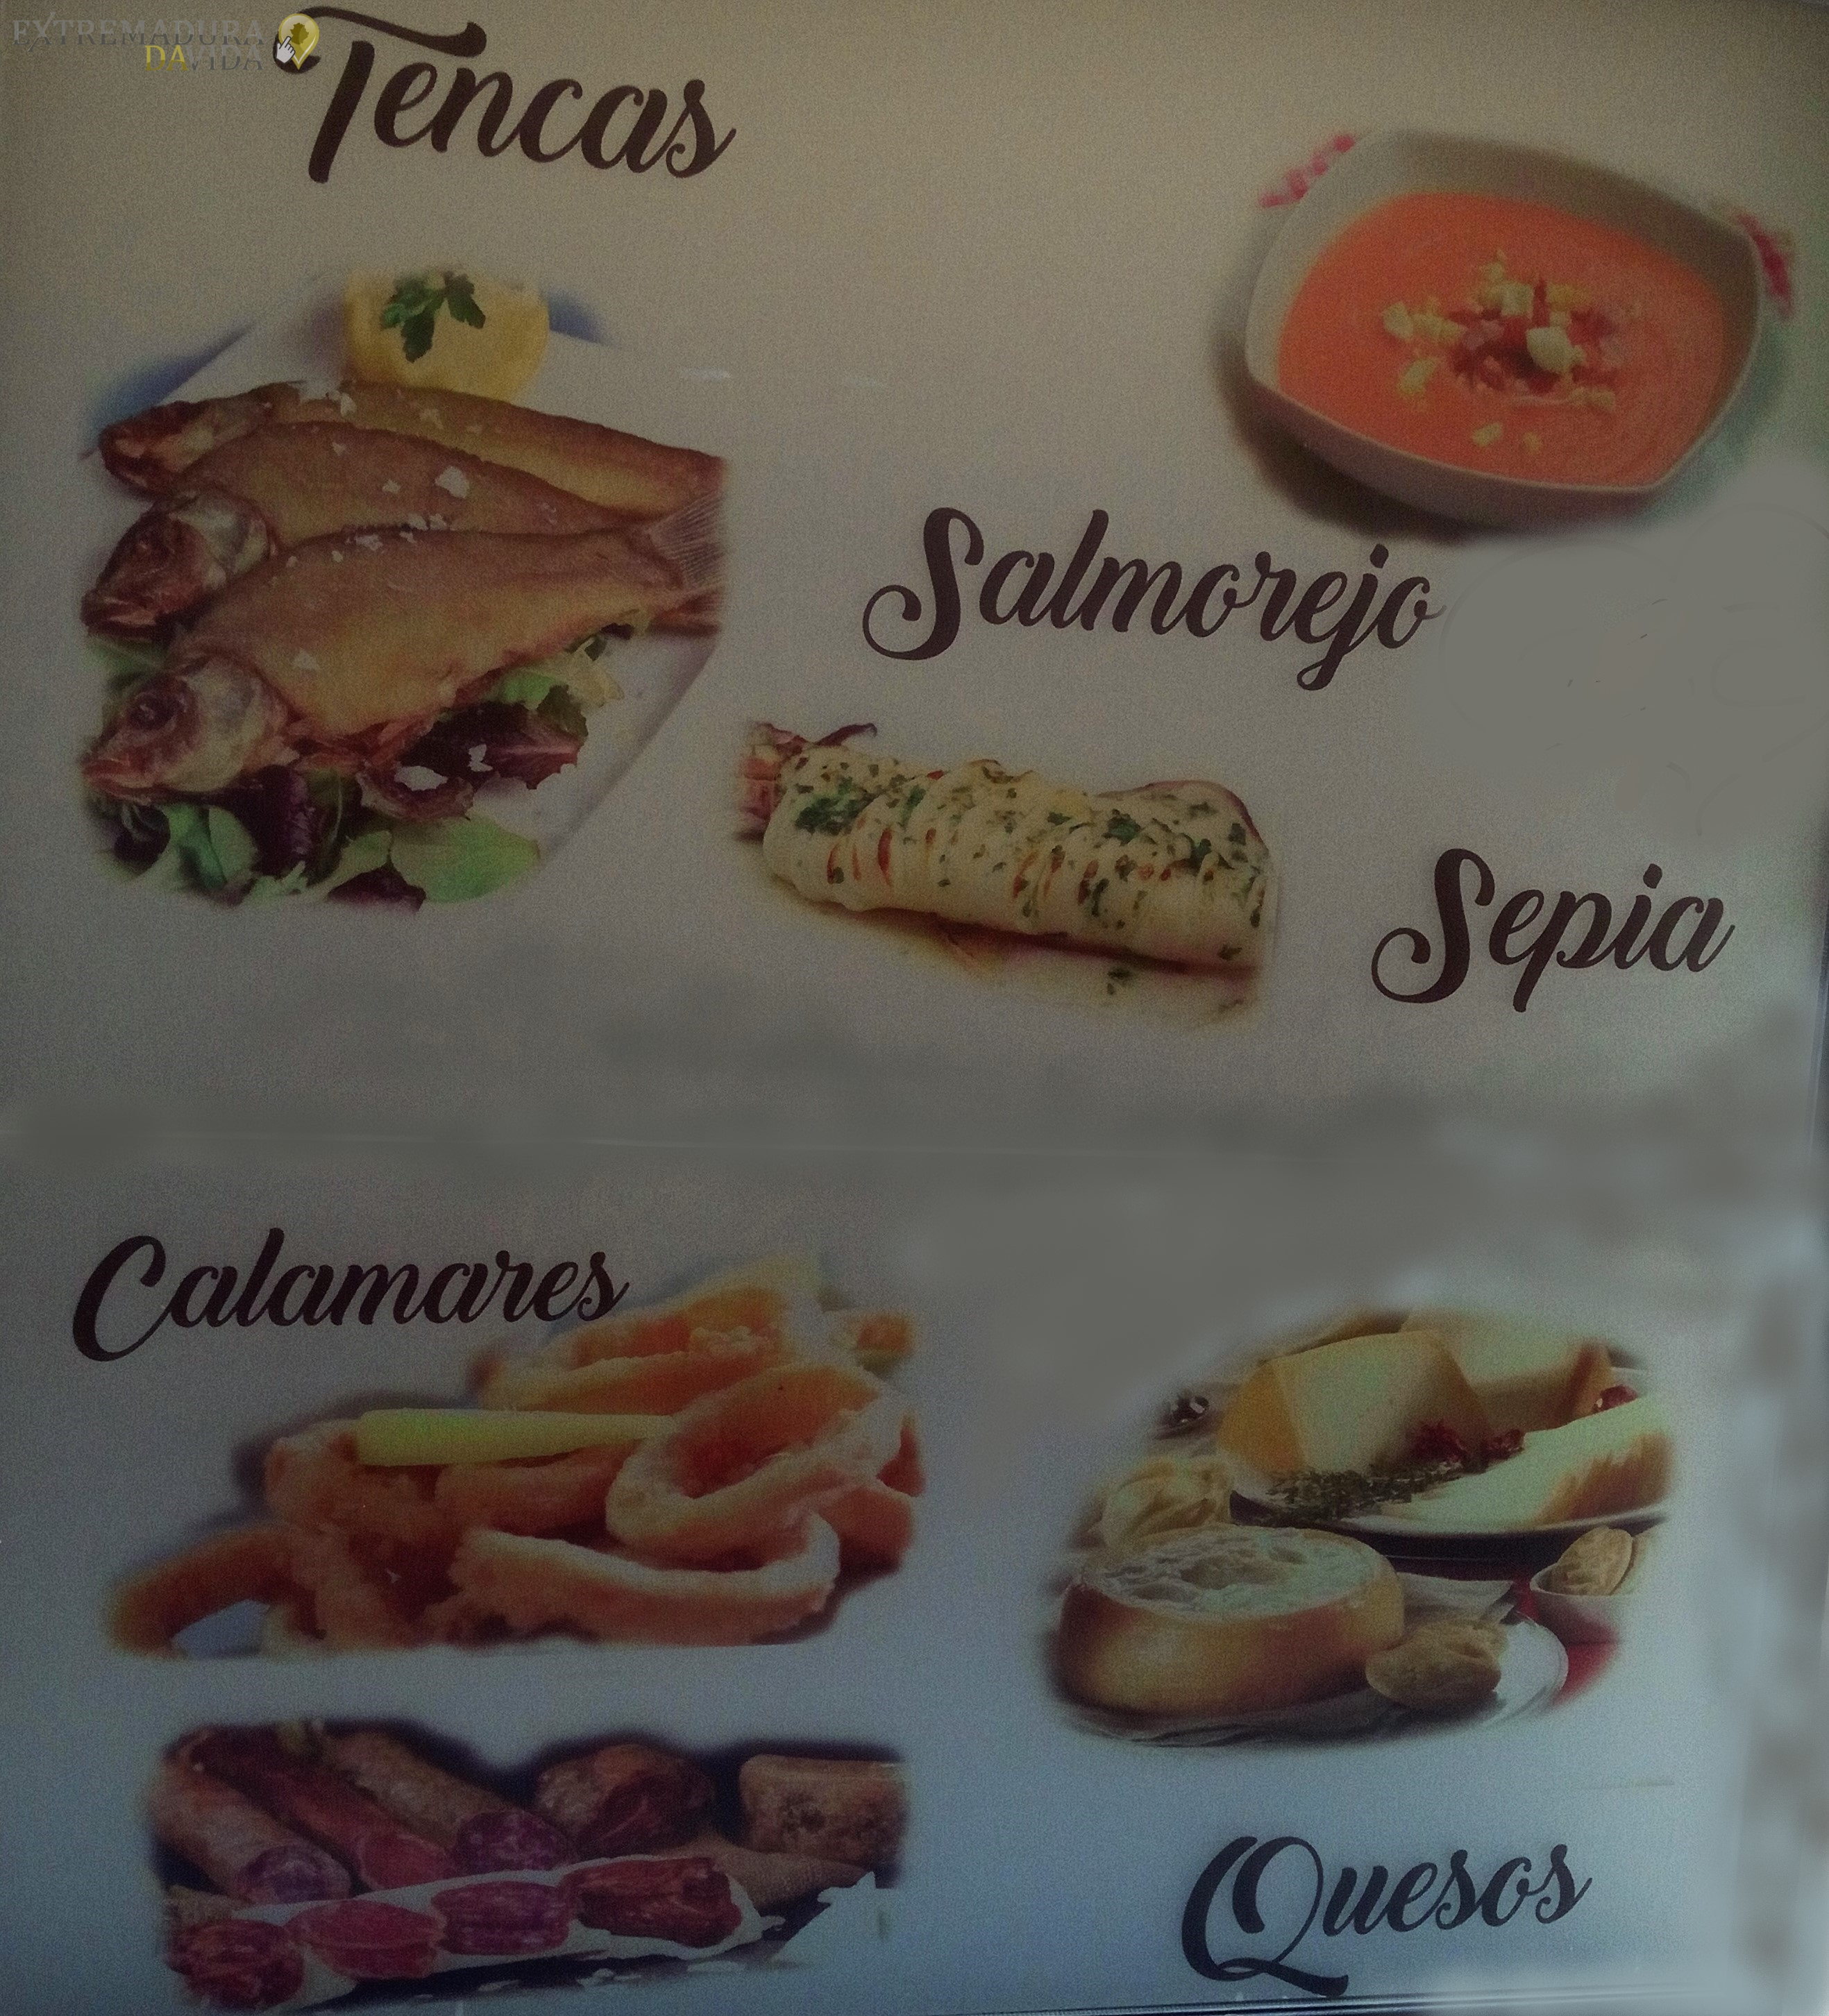 Tencas ancas de rana en Cáceres Restaurante la Fusa